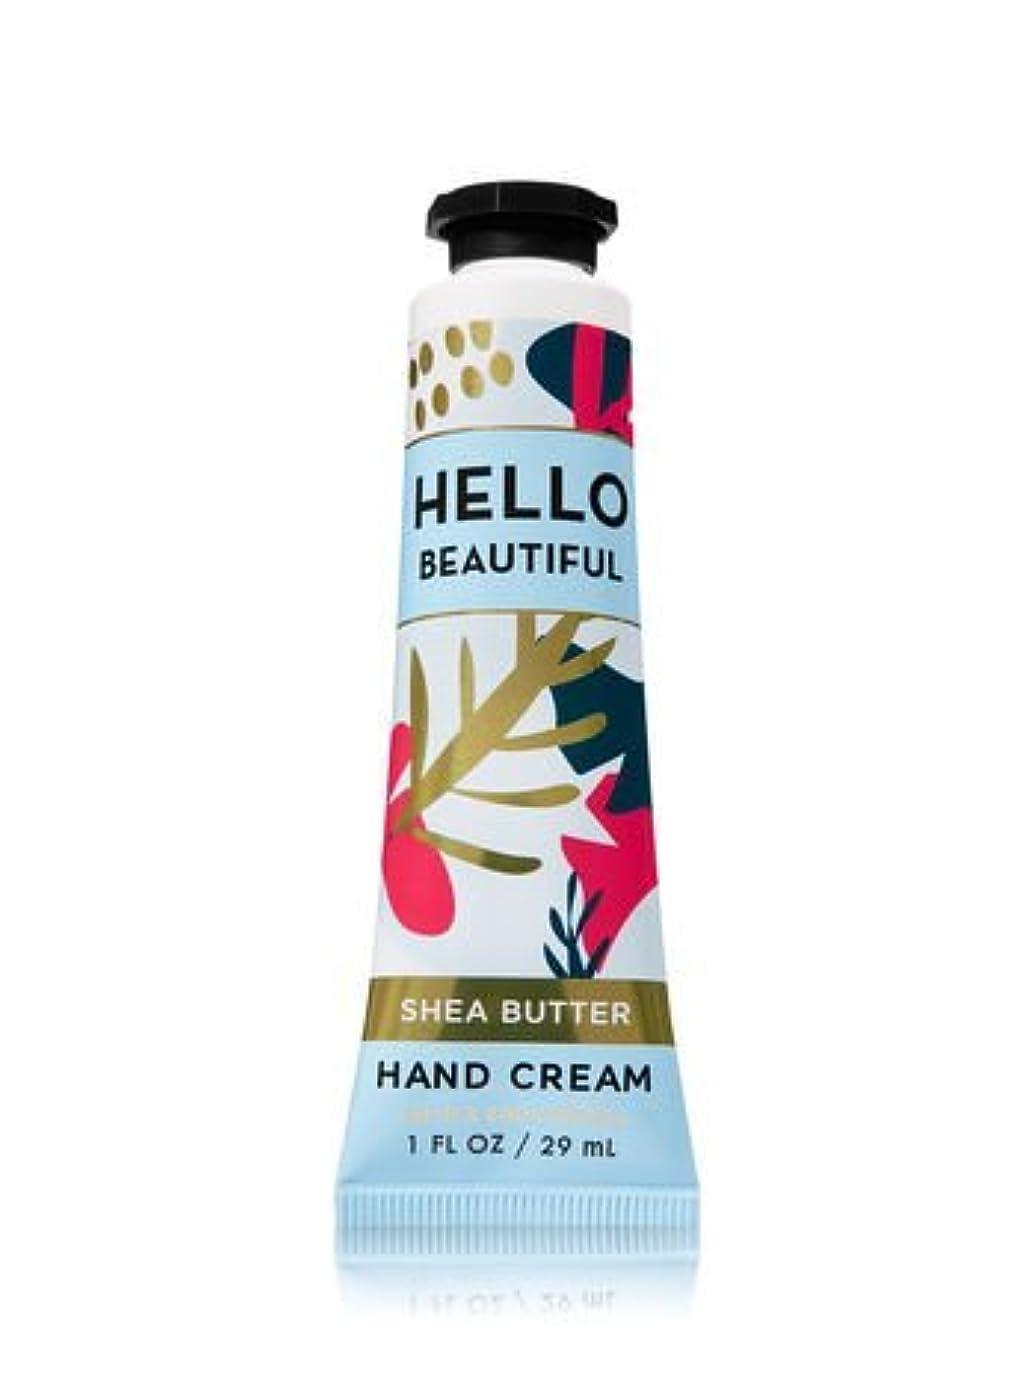 ミトンフェザー必要ない【Bath&Body Works/バス&ボディワークス】 シアバター ハンドクリーム ハロービューティフル Shea Butter Hand Cream Hello Beautiful 1 fl oz / 29 mL [...